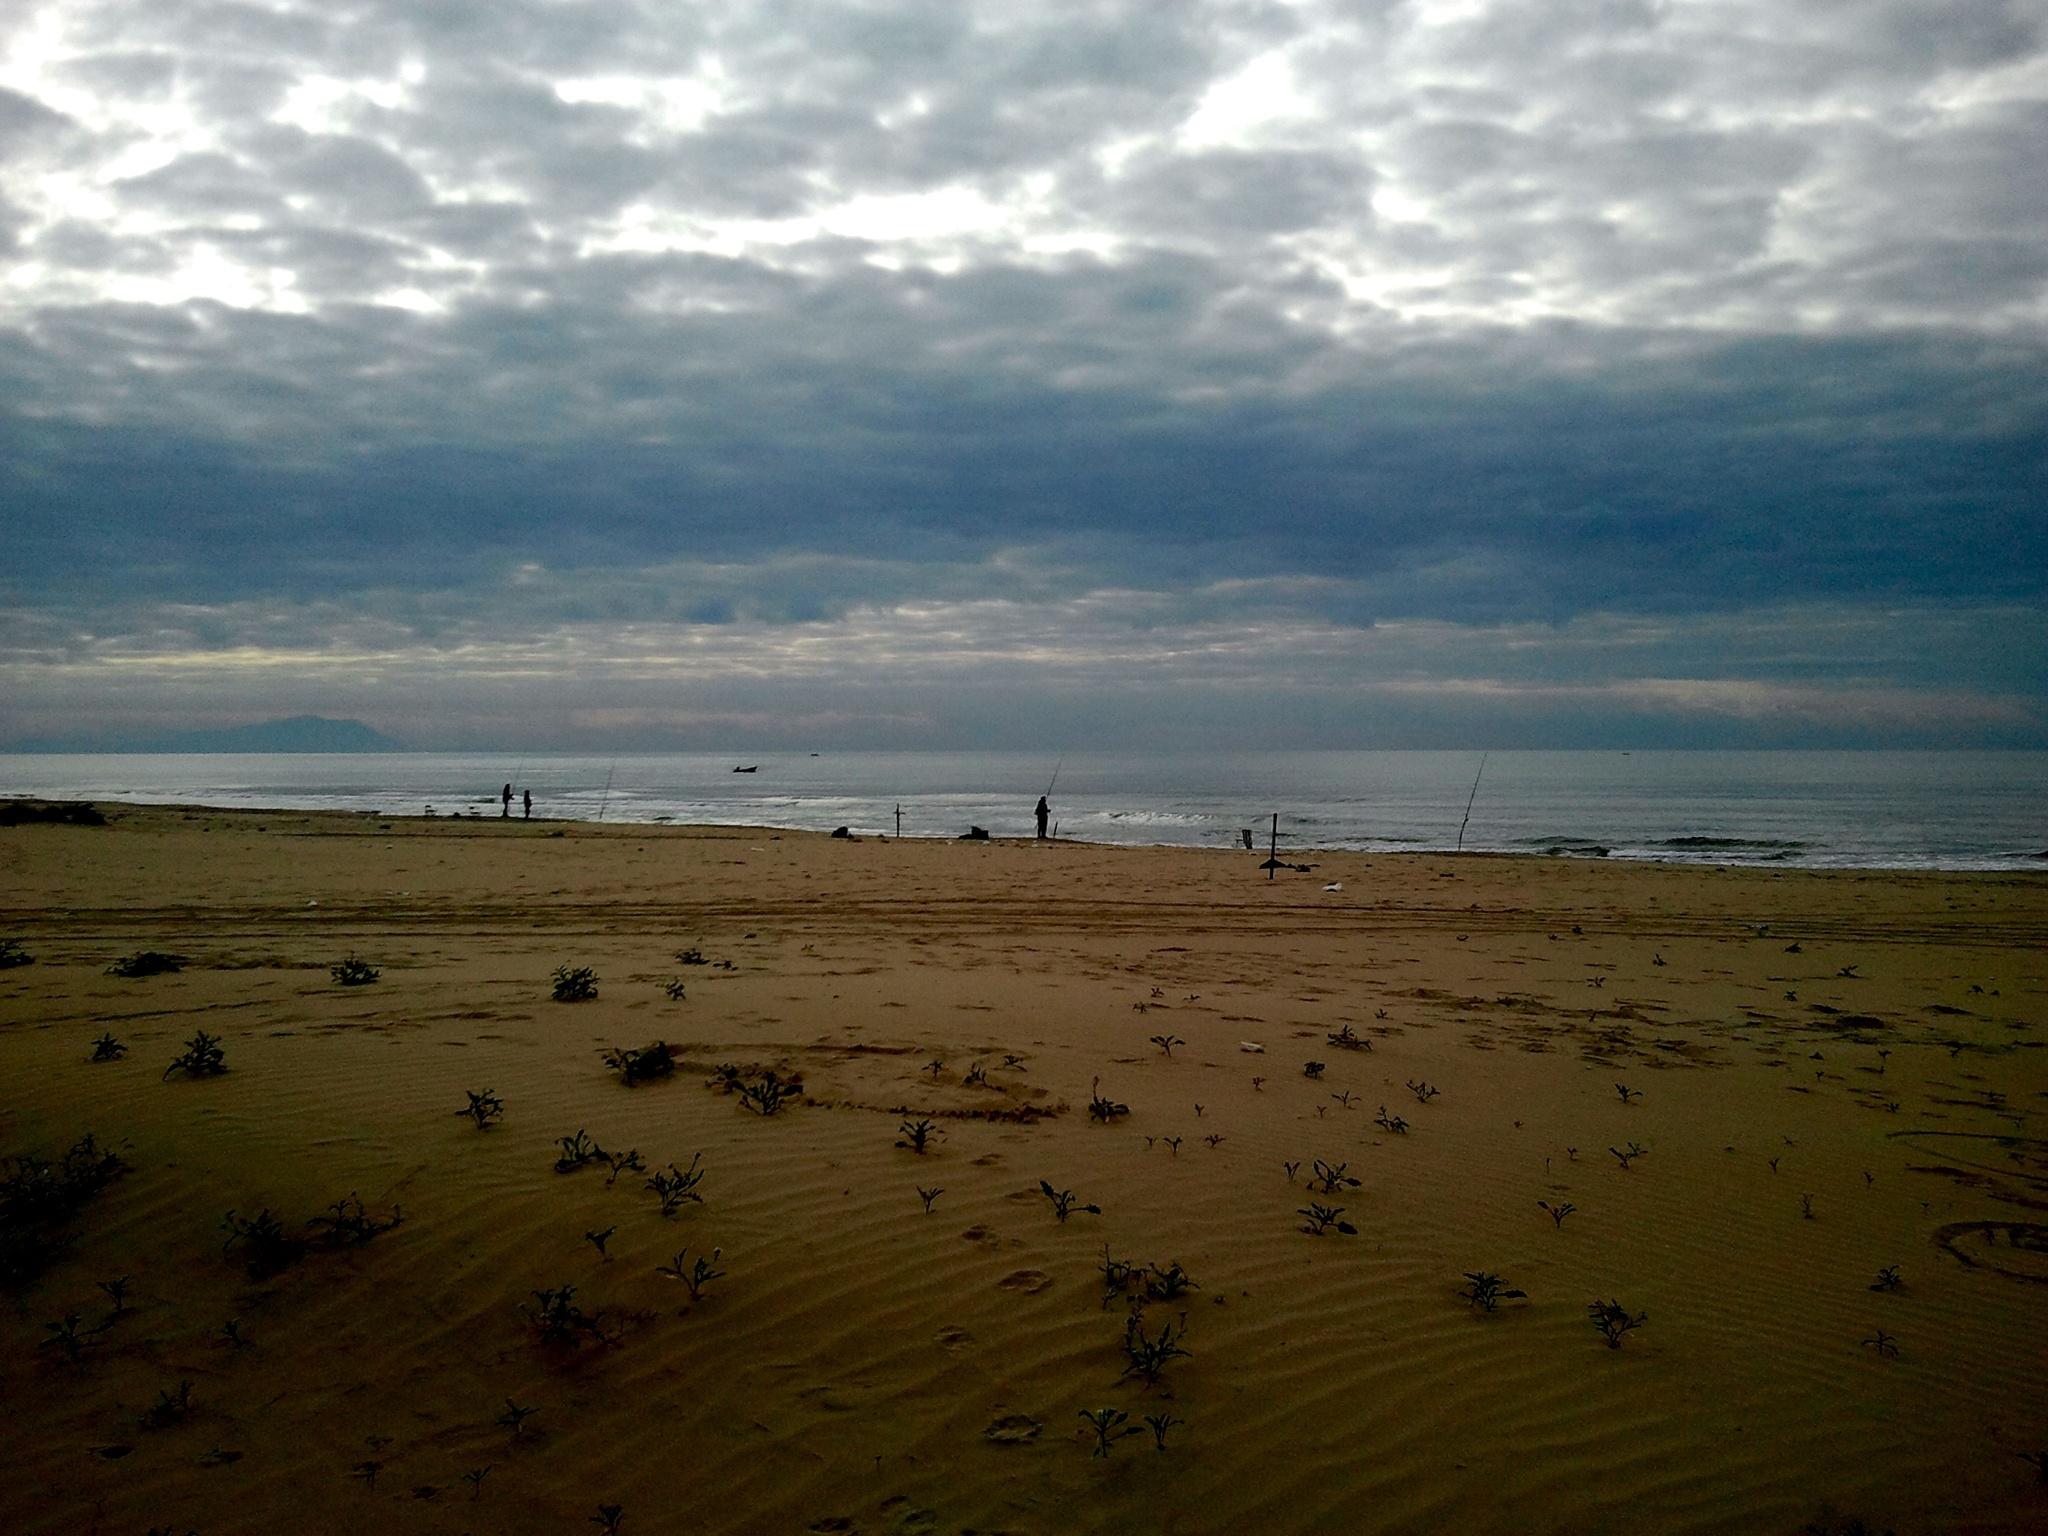 Spiaggia in inverno by Salvatore Bertolino